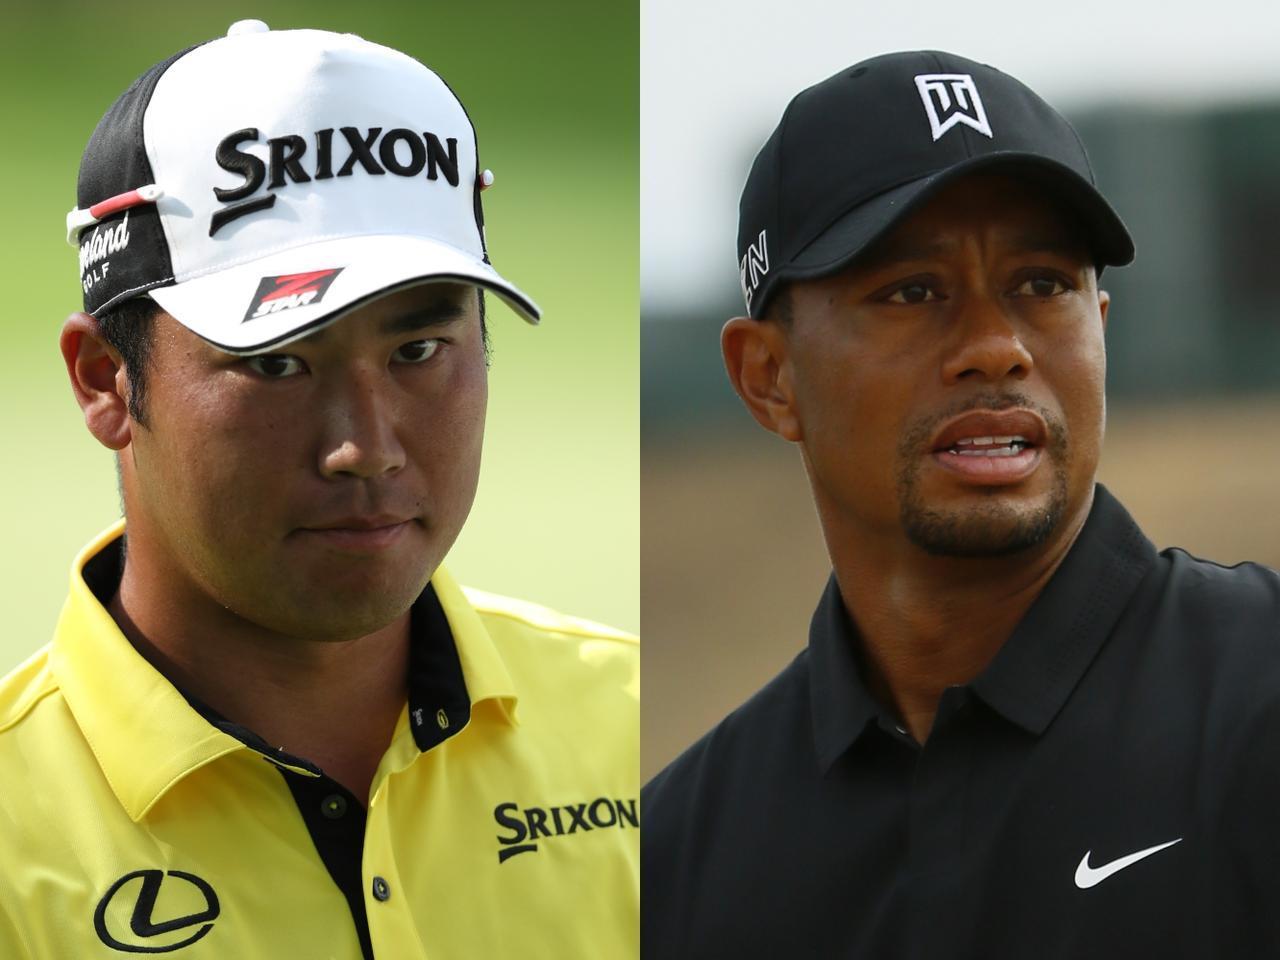 画像: 統計的データ分析で見えた! タイガーと松山英樹の共通点「R160」って、なに? - みんなのゴルフダイジェスト